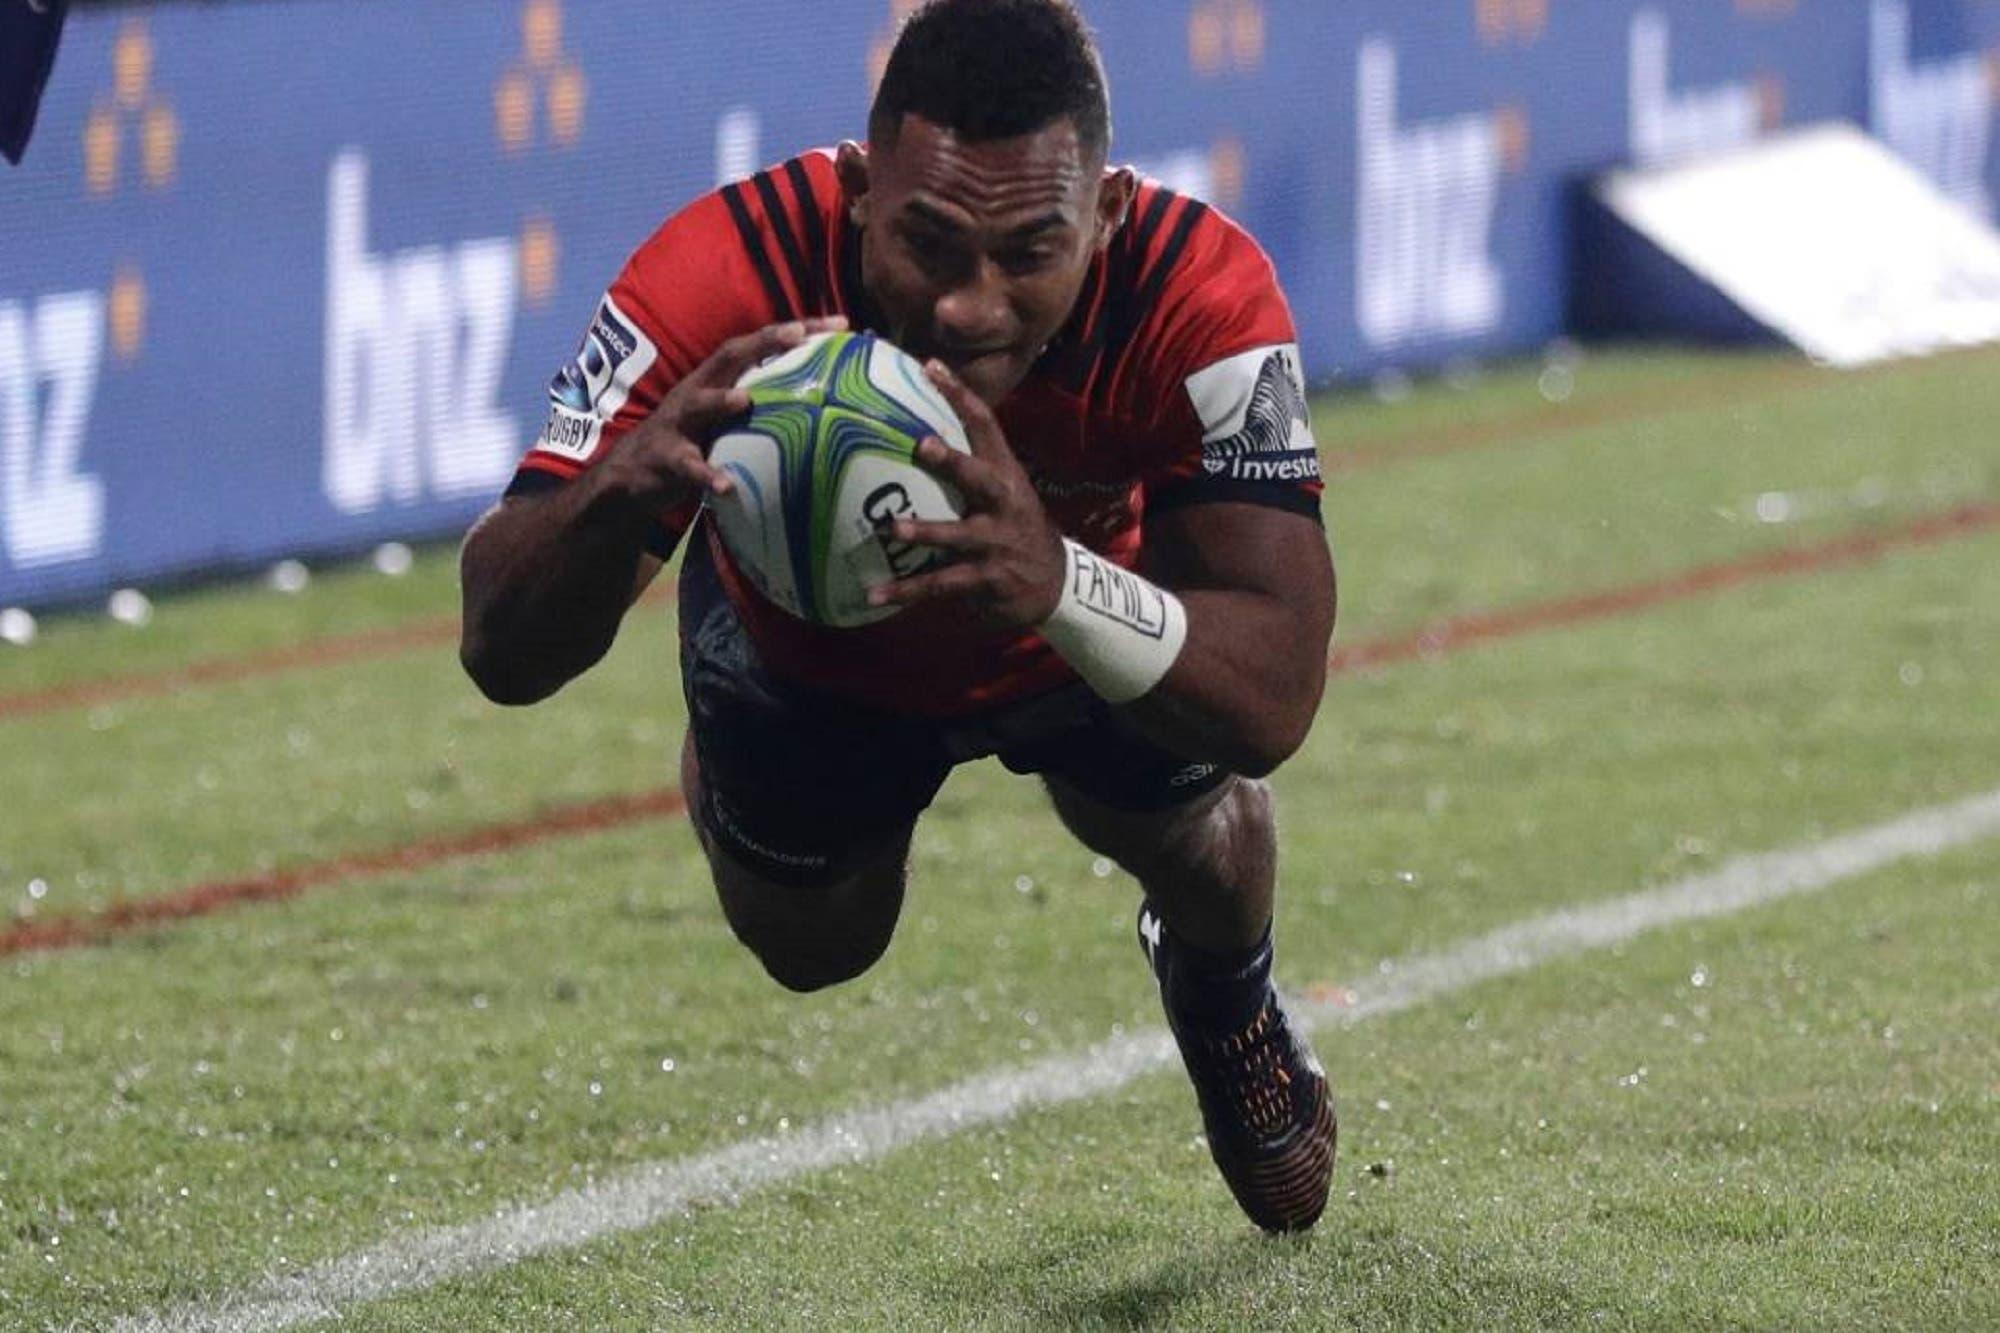 Súper Rugby: la citación a los All Blacks de un jugador de Crusaders que generó polémica a horas de la final